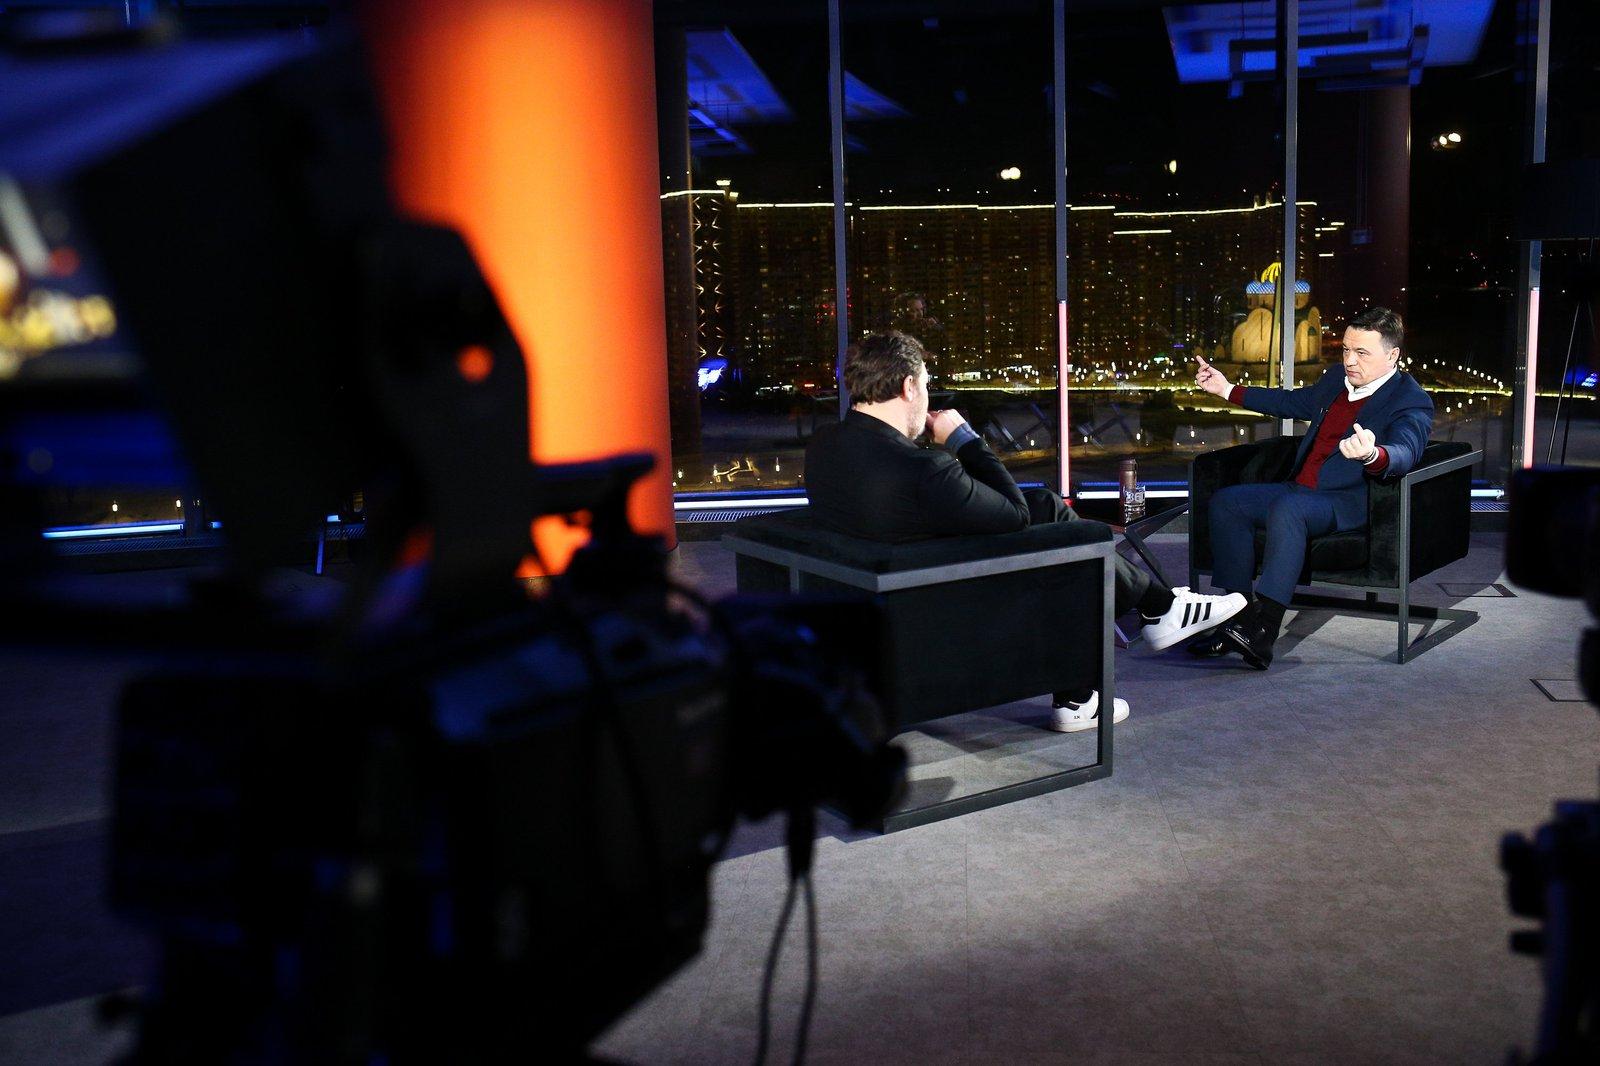 Андрей Воробьев губернатор московской области - Что будет с экономикой, зачем нужен Clubhouse, как мы выжили в коронавирус — интервью Сергею Минаеву